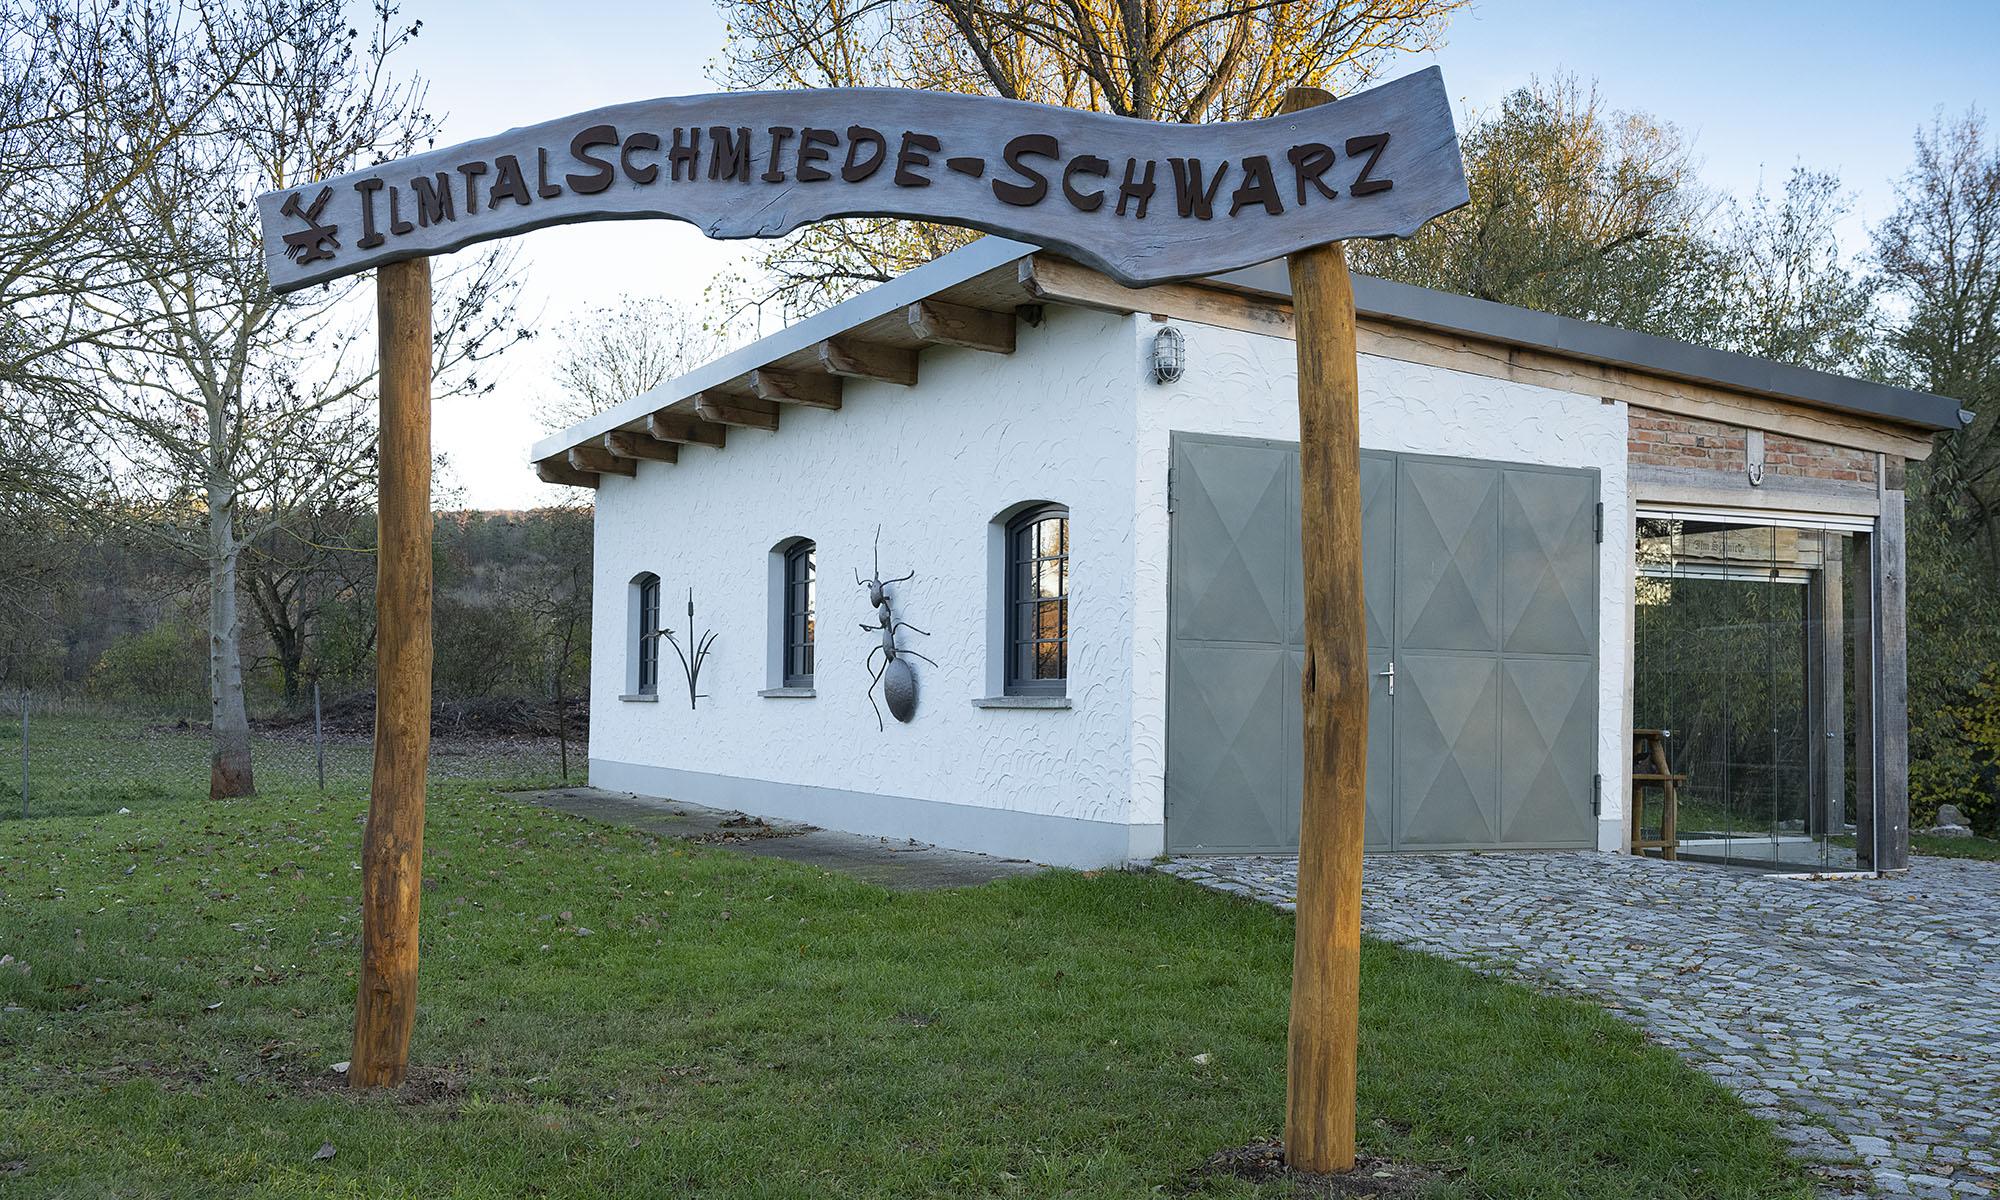 Ilmtalschmiede Schwarz